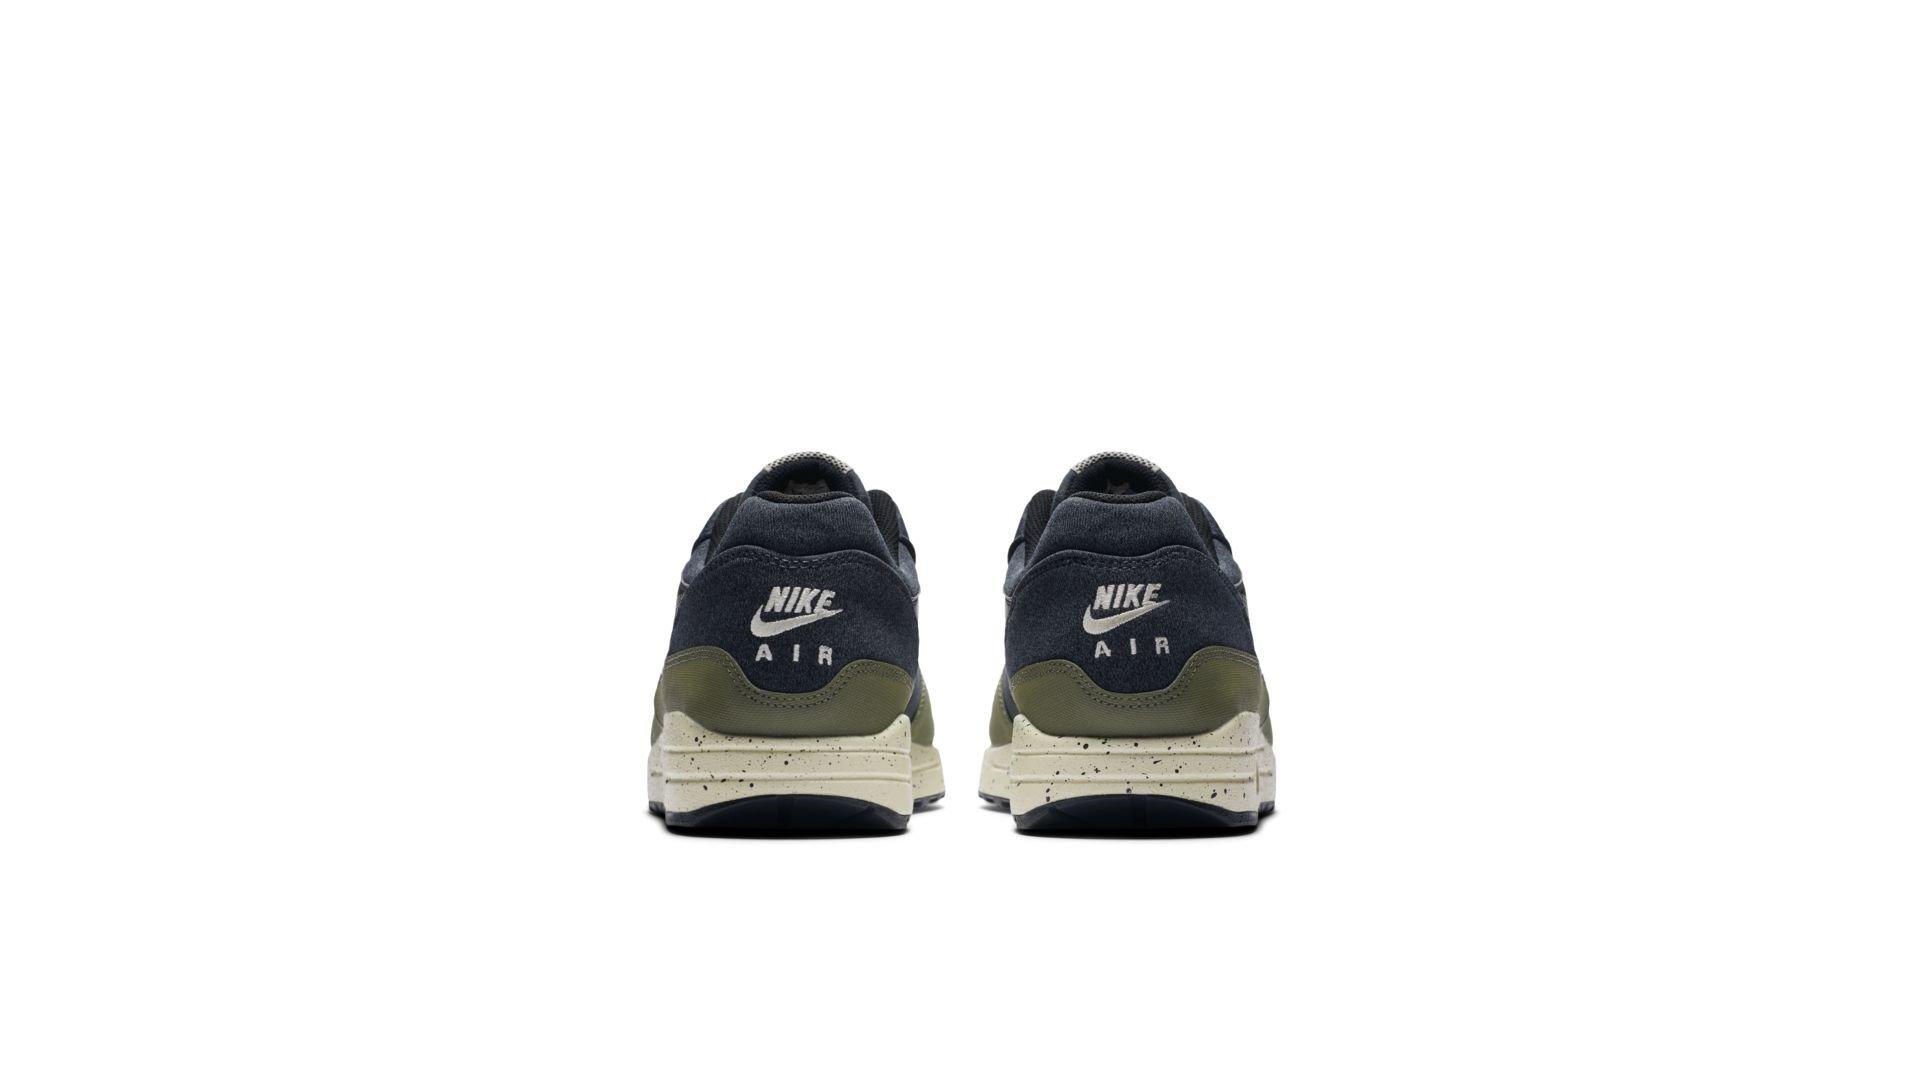 Nike Air Max 1 AO1021-200